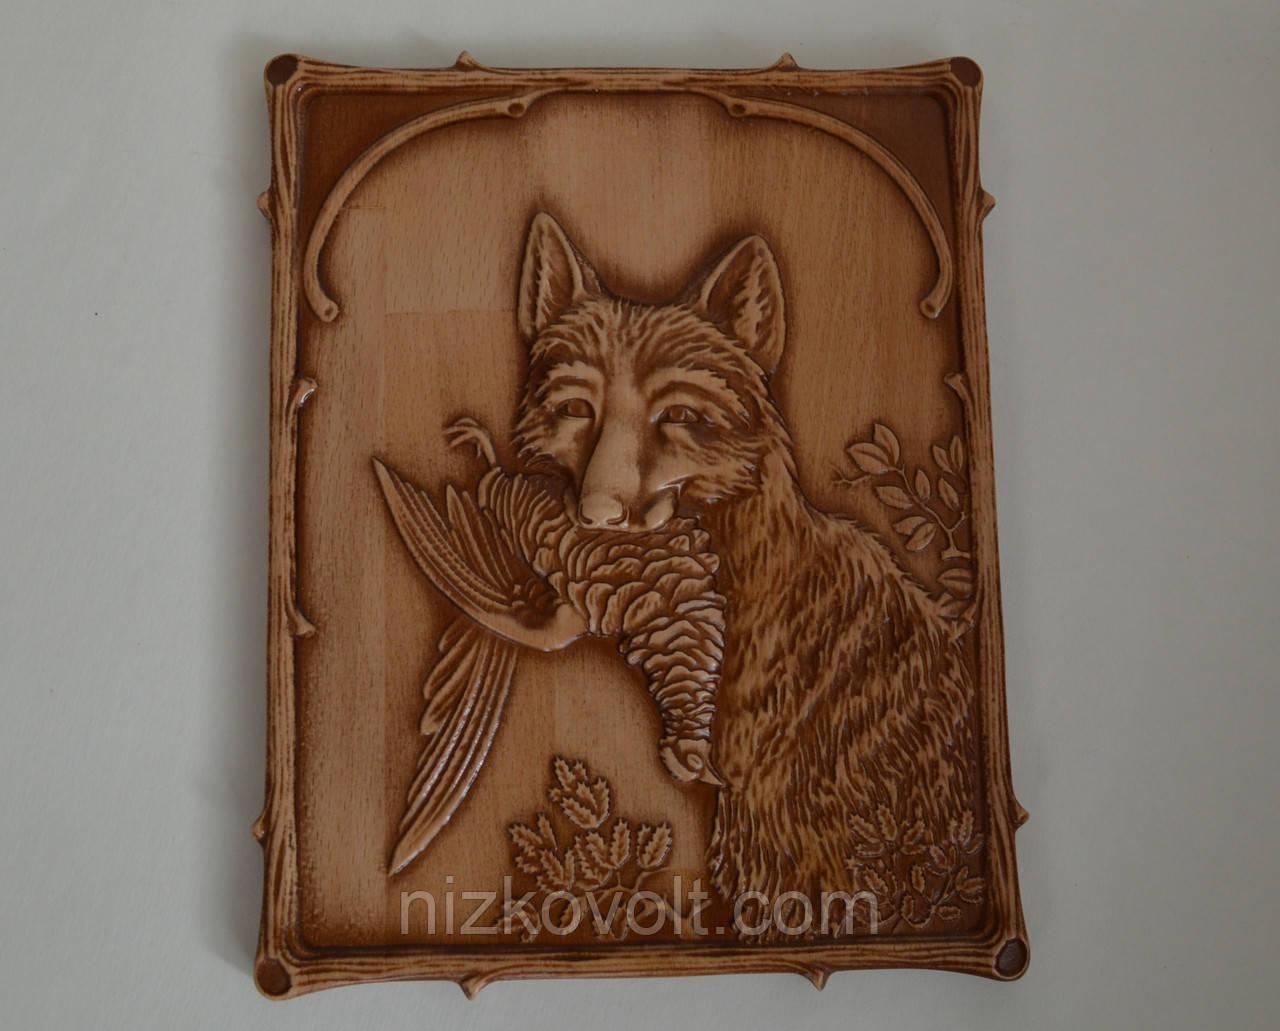 Сувенірна продукція «Лисиця на полюванні»-подарунок мисливцеві (чоловікові)